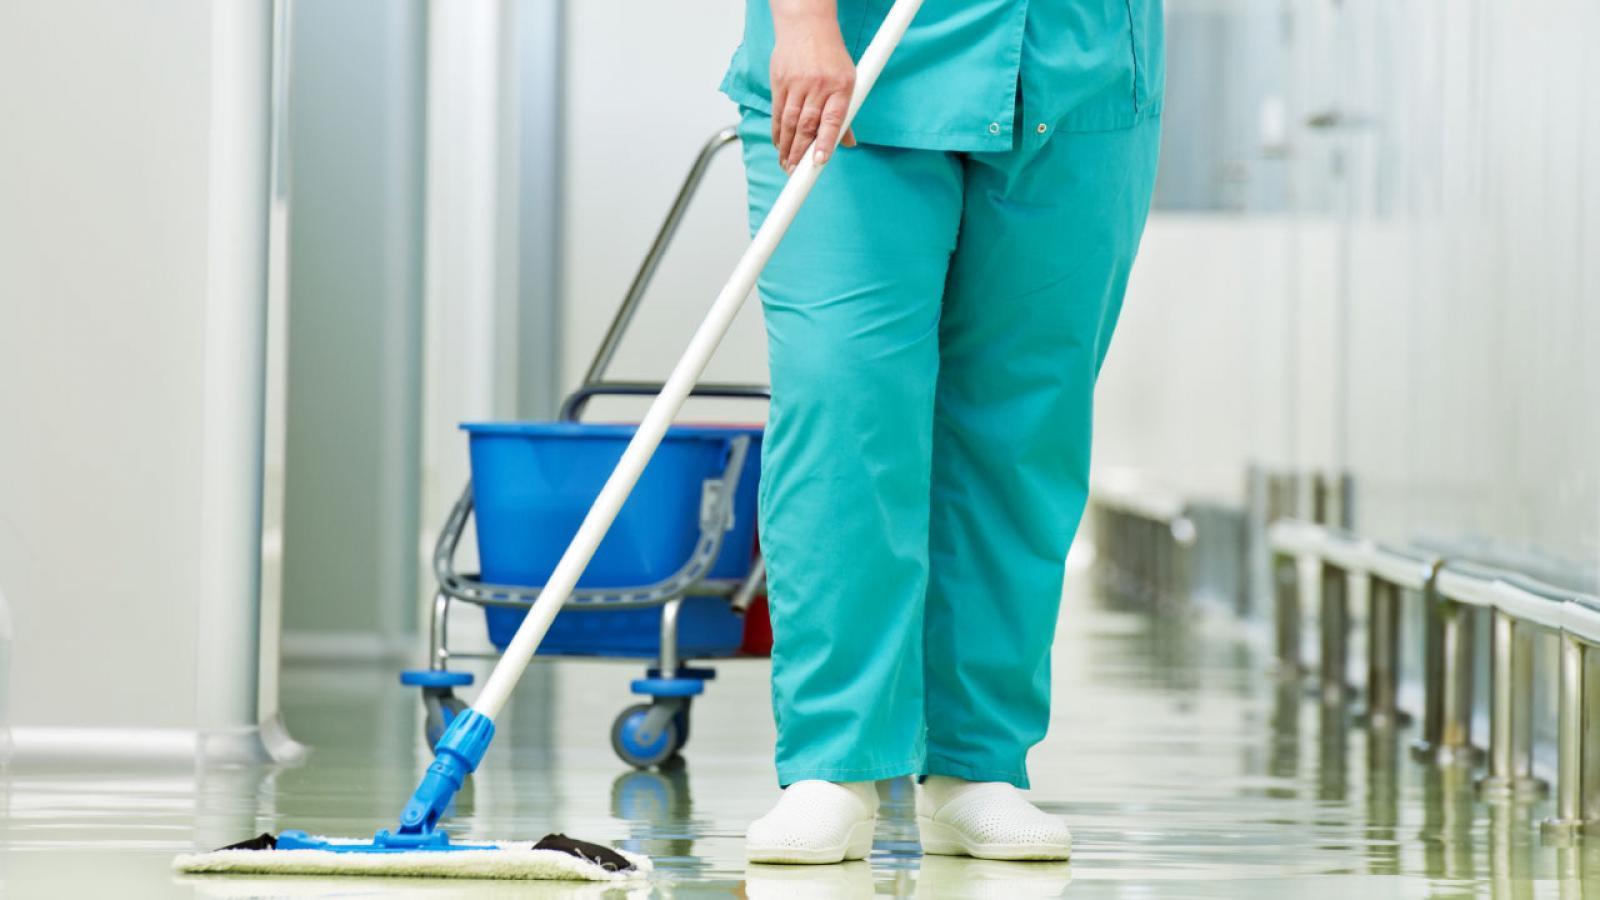 Перевод вологодских санитарок в уборщицы признали незаконным